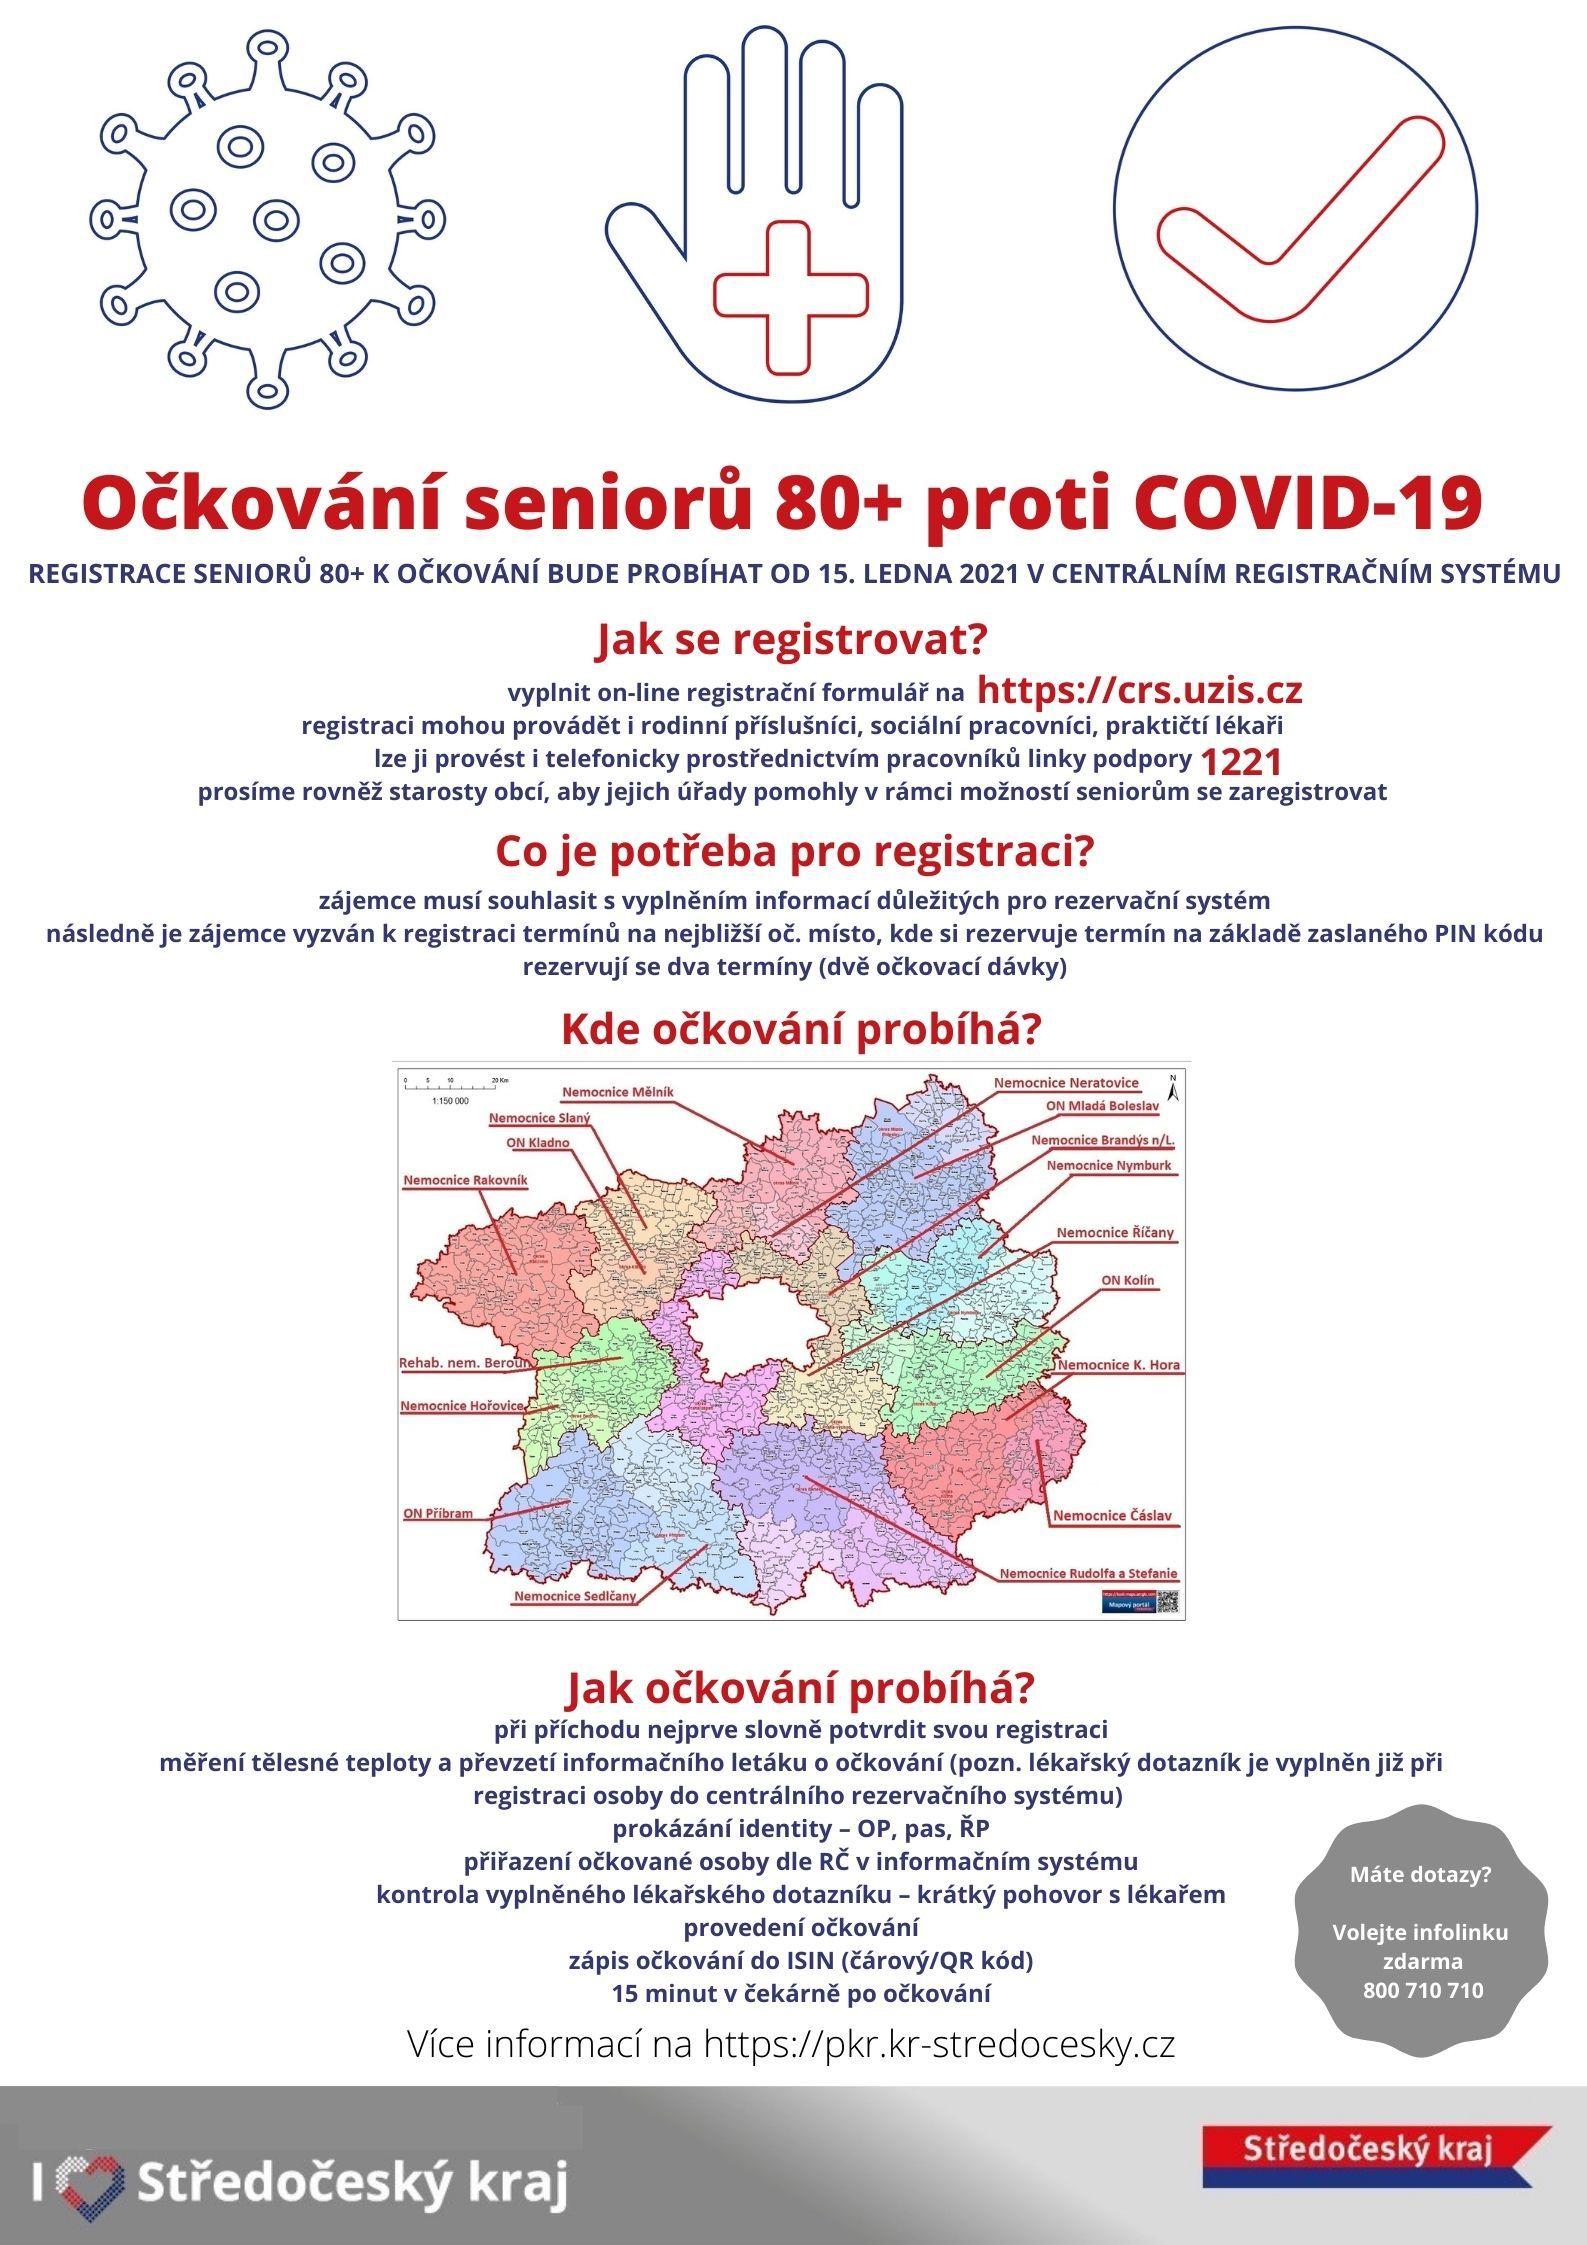 Informace o očkování seniorů 80+